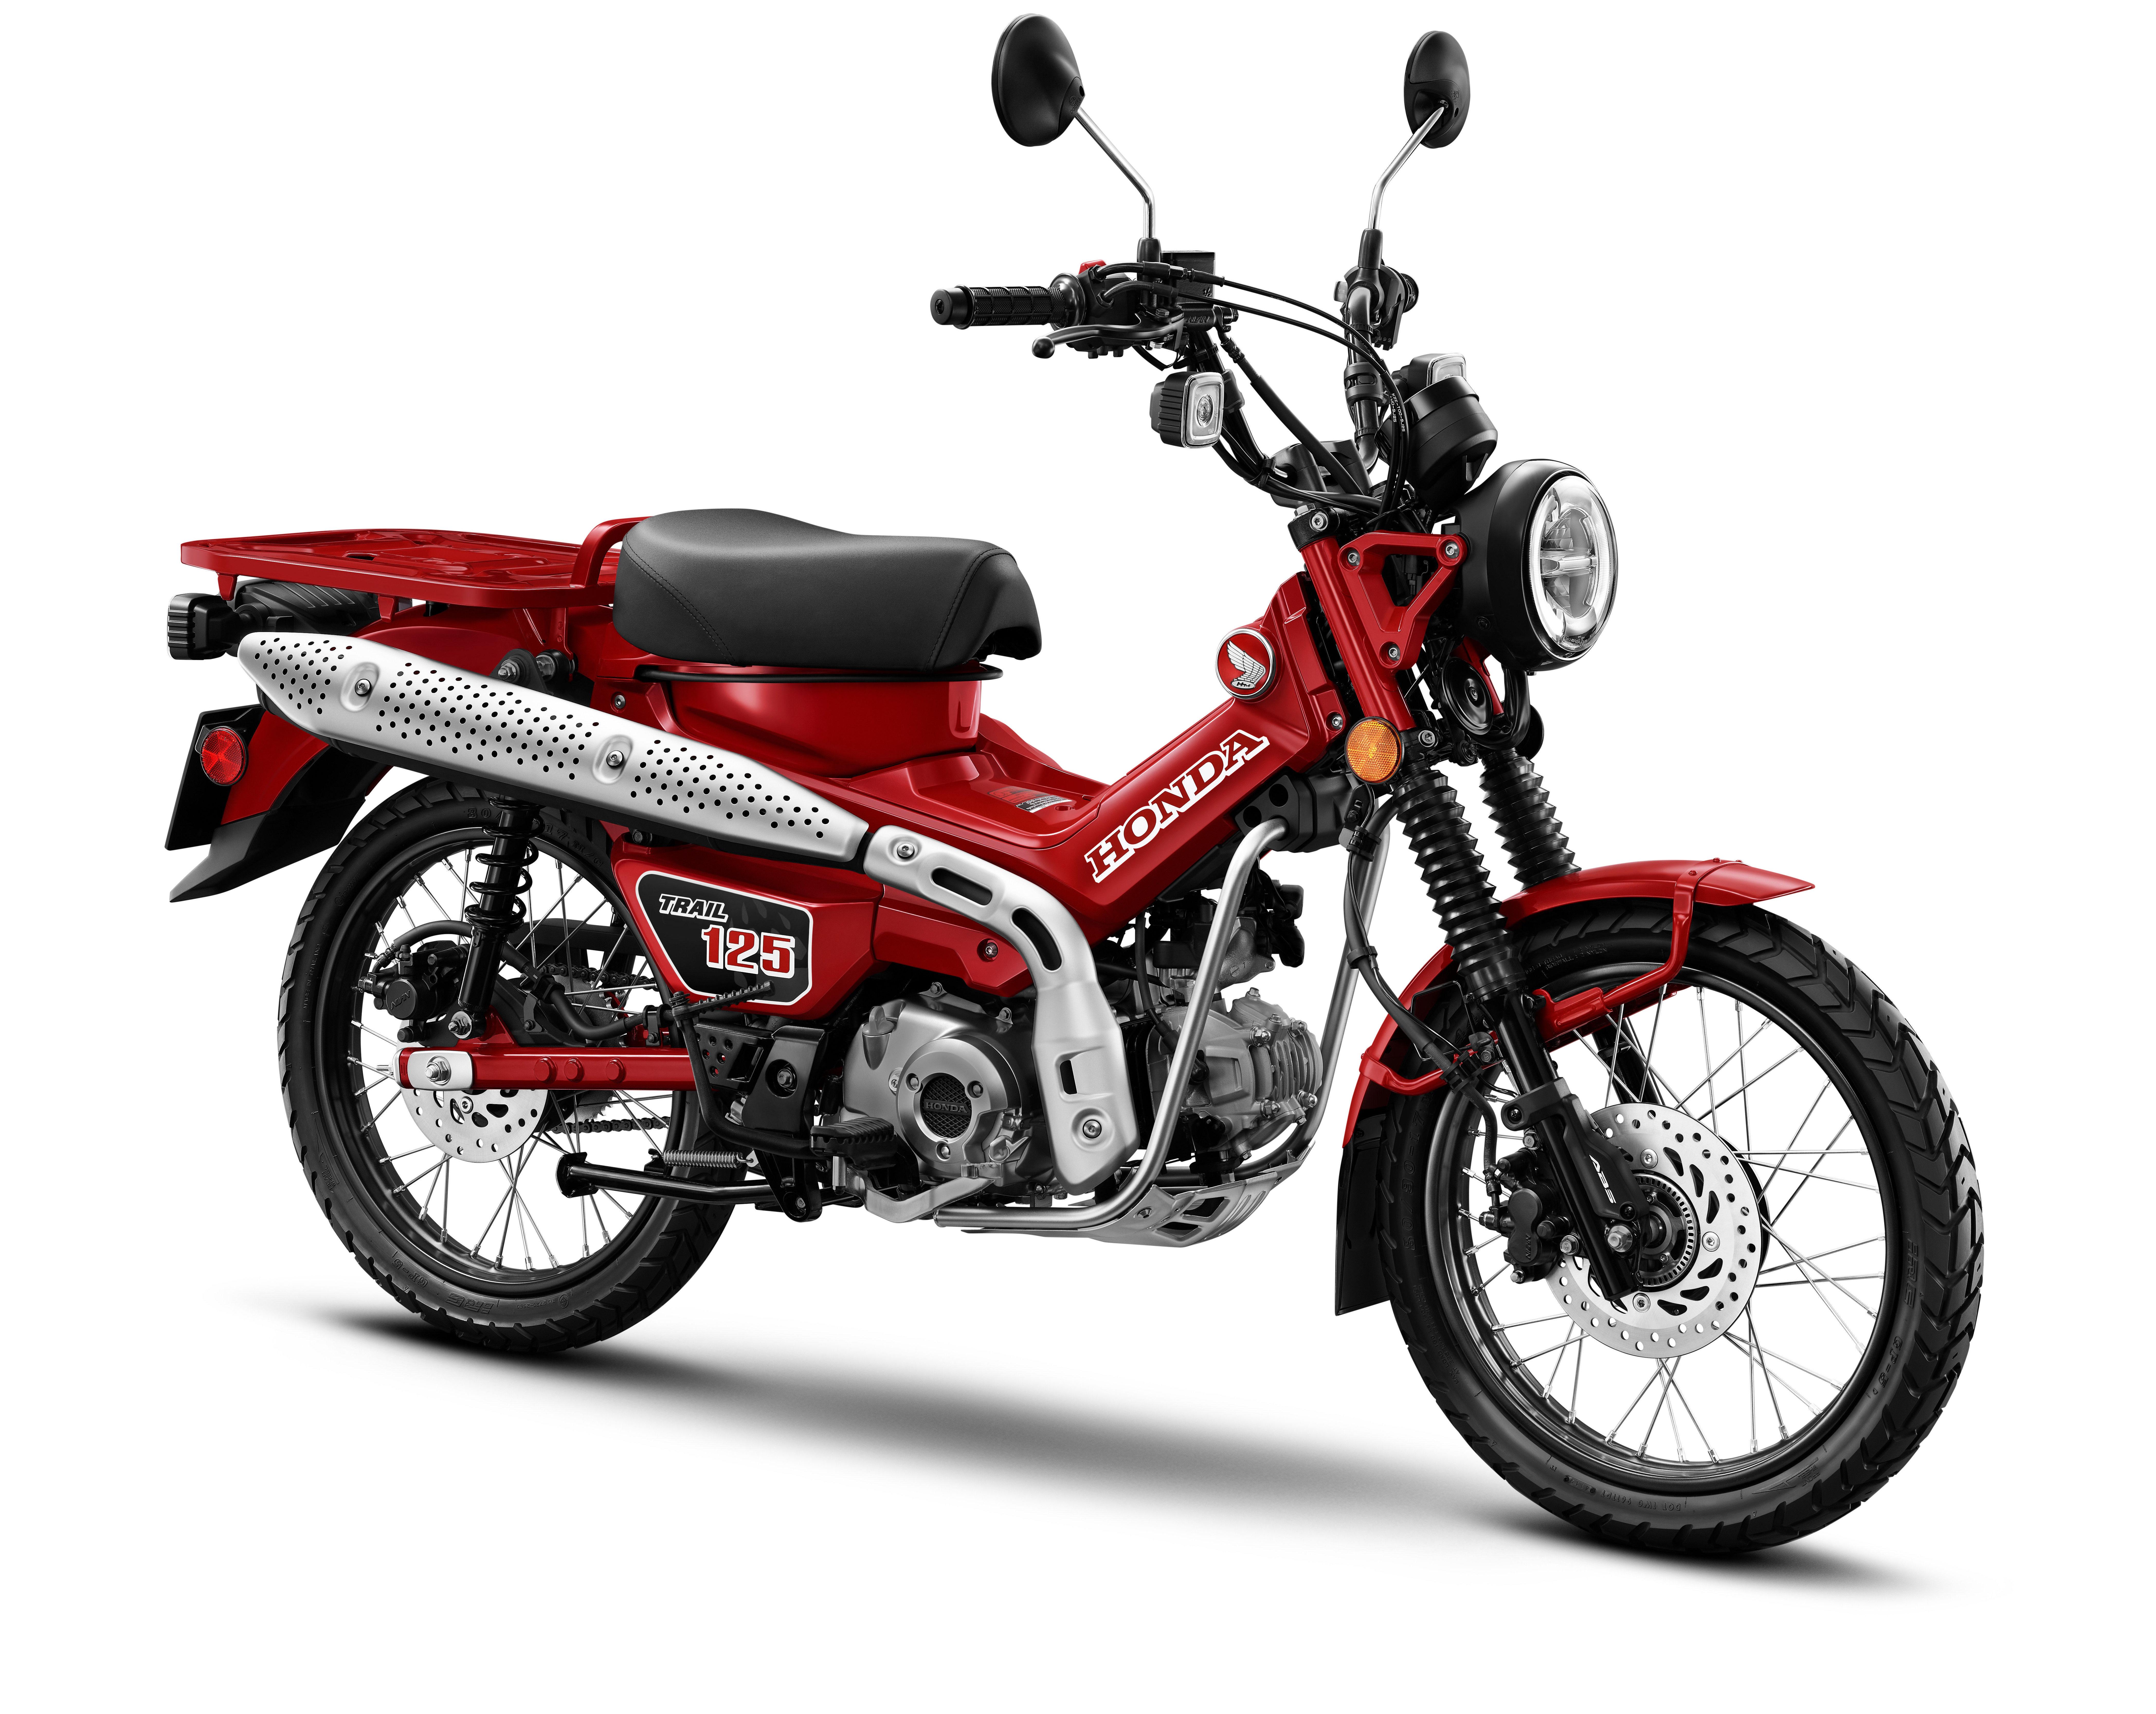 Kelebihan Motor Honda 125 Top Model Tahun Ini